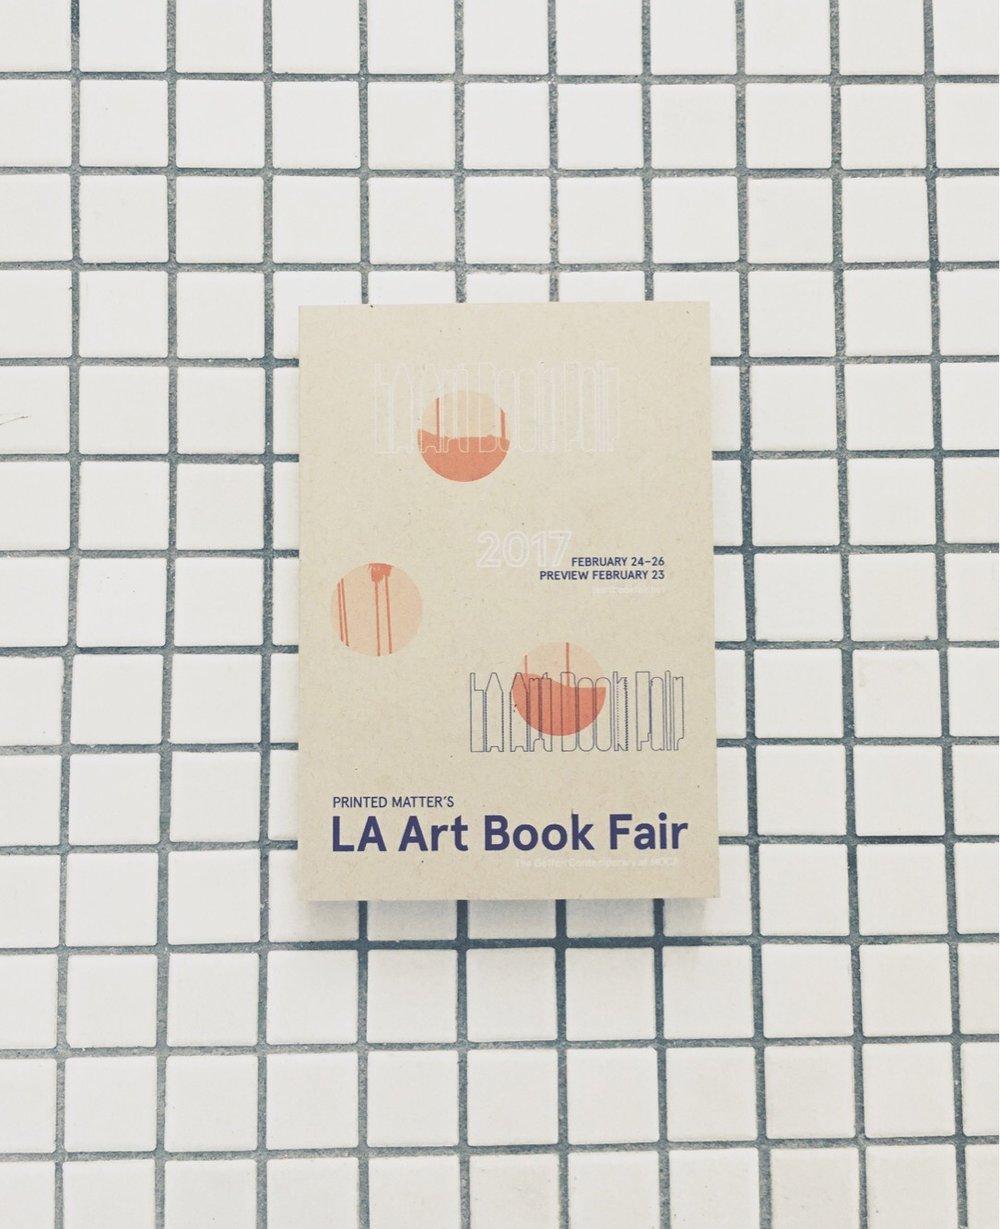 LA-art-book-fair-01